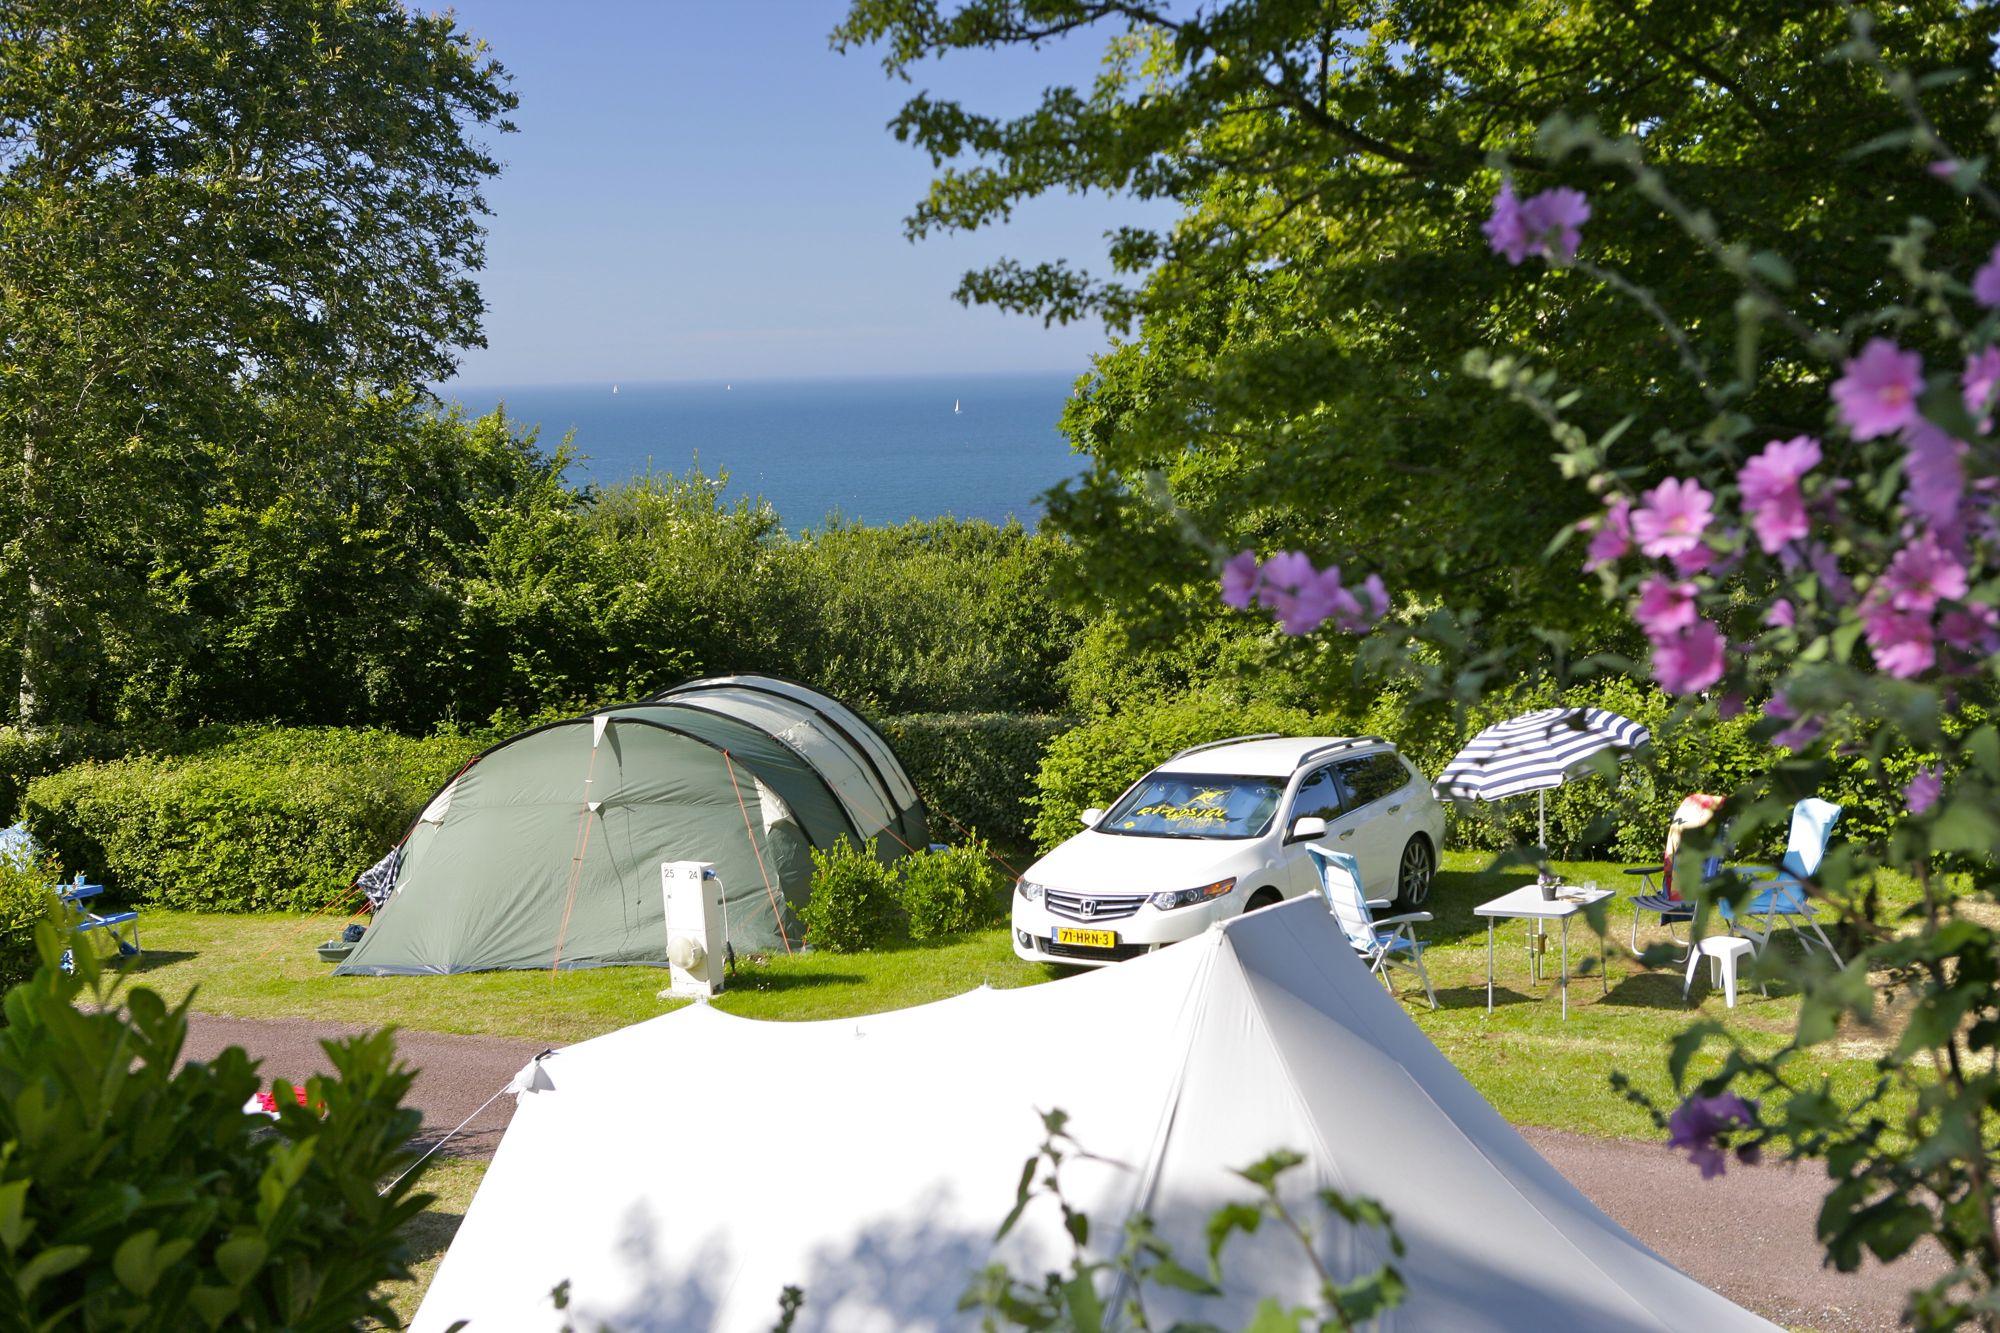 Campsites in Manche